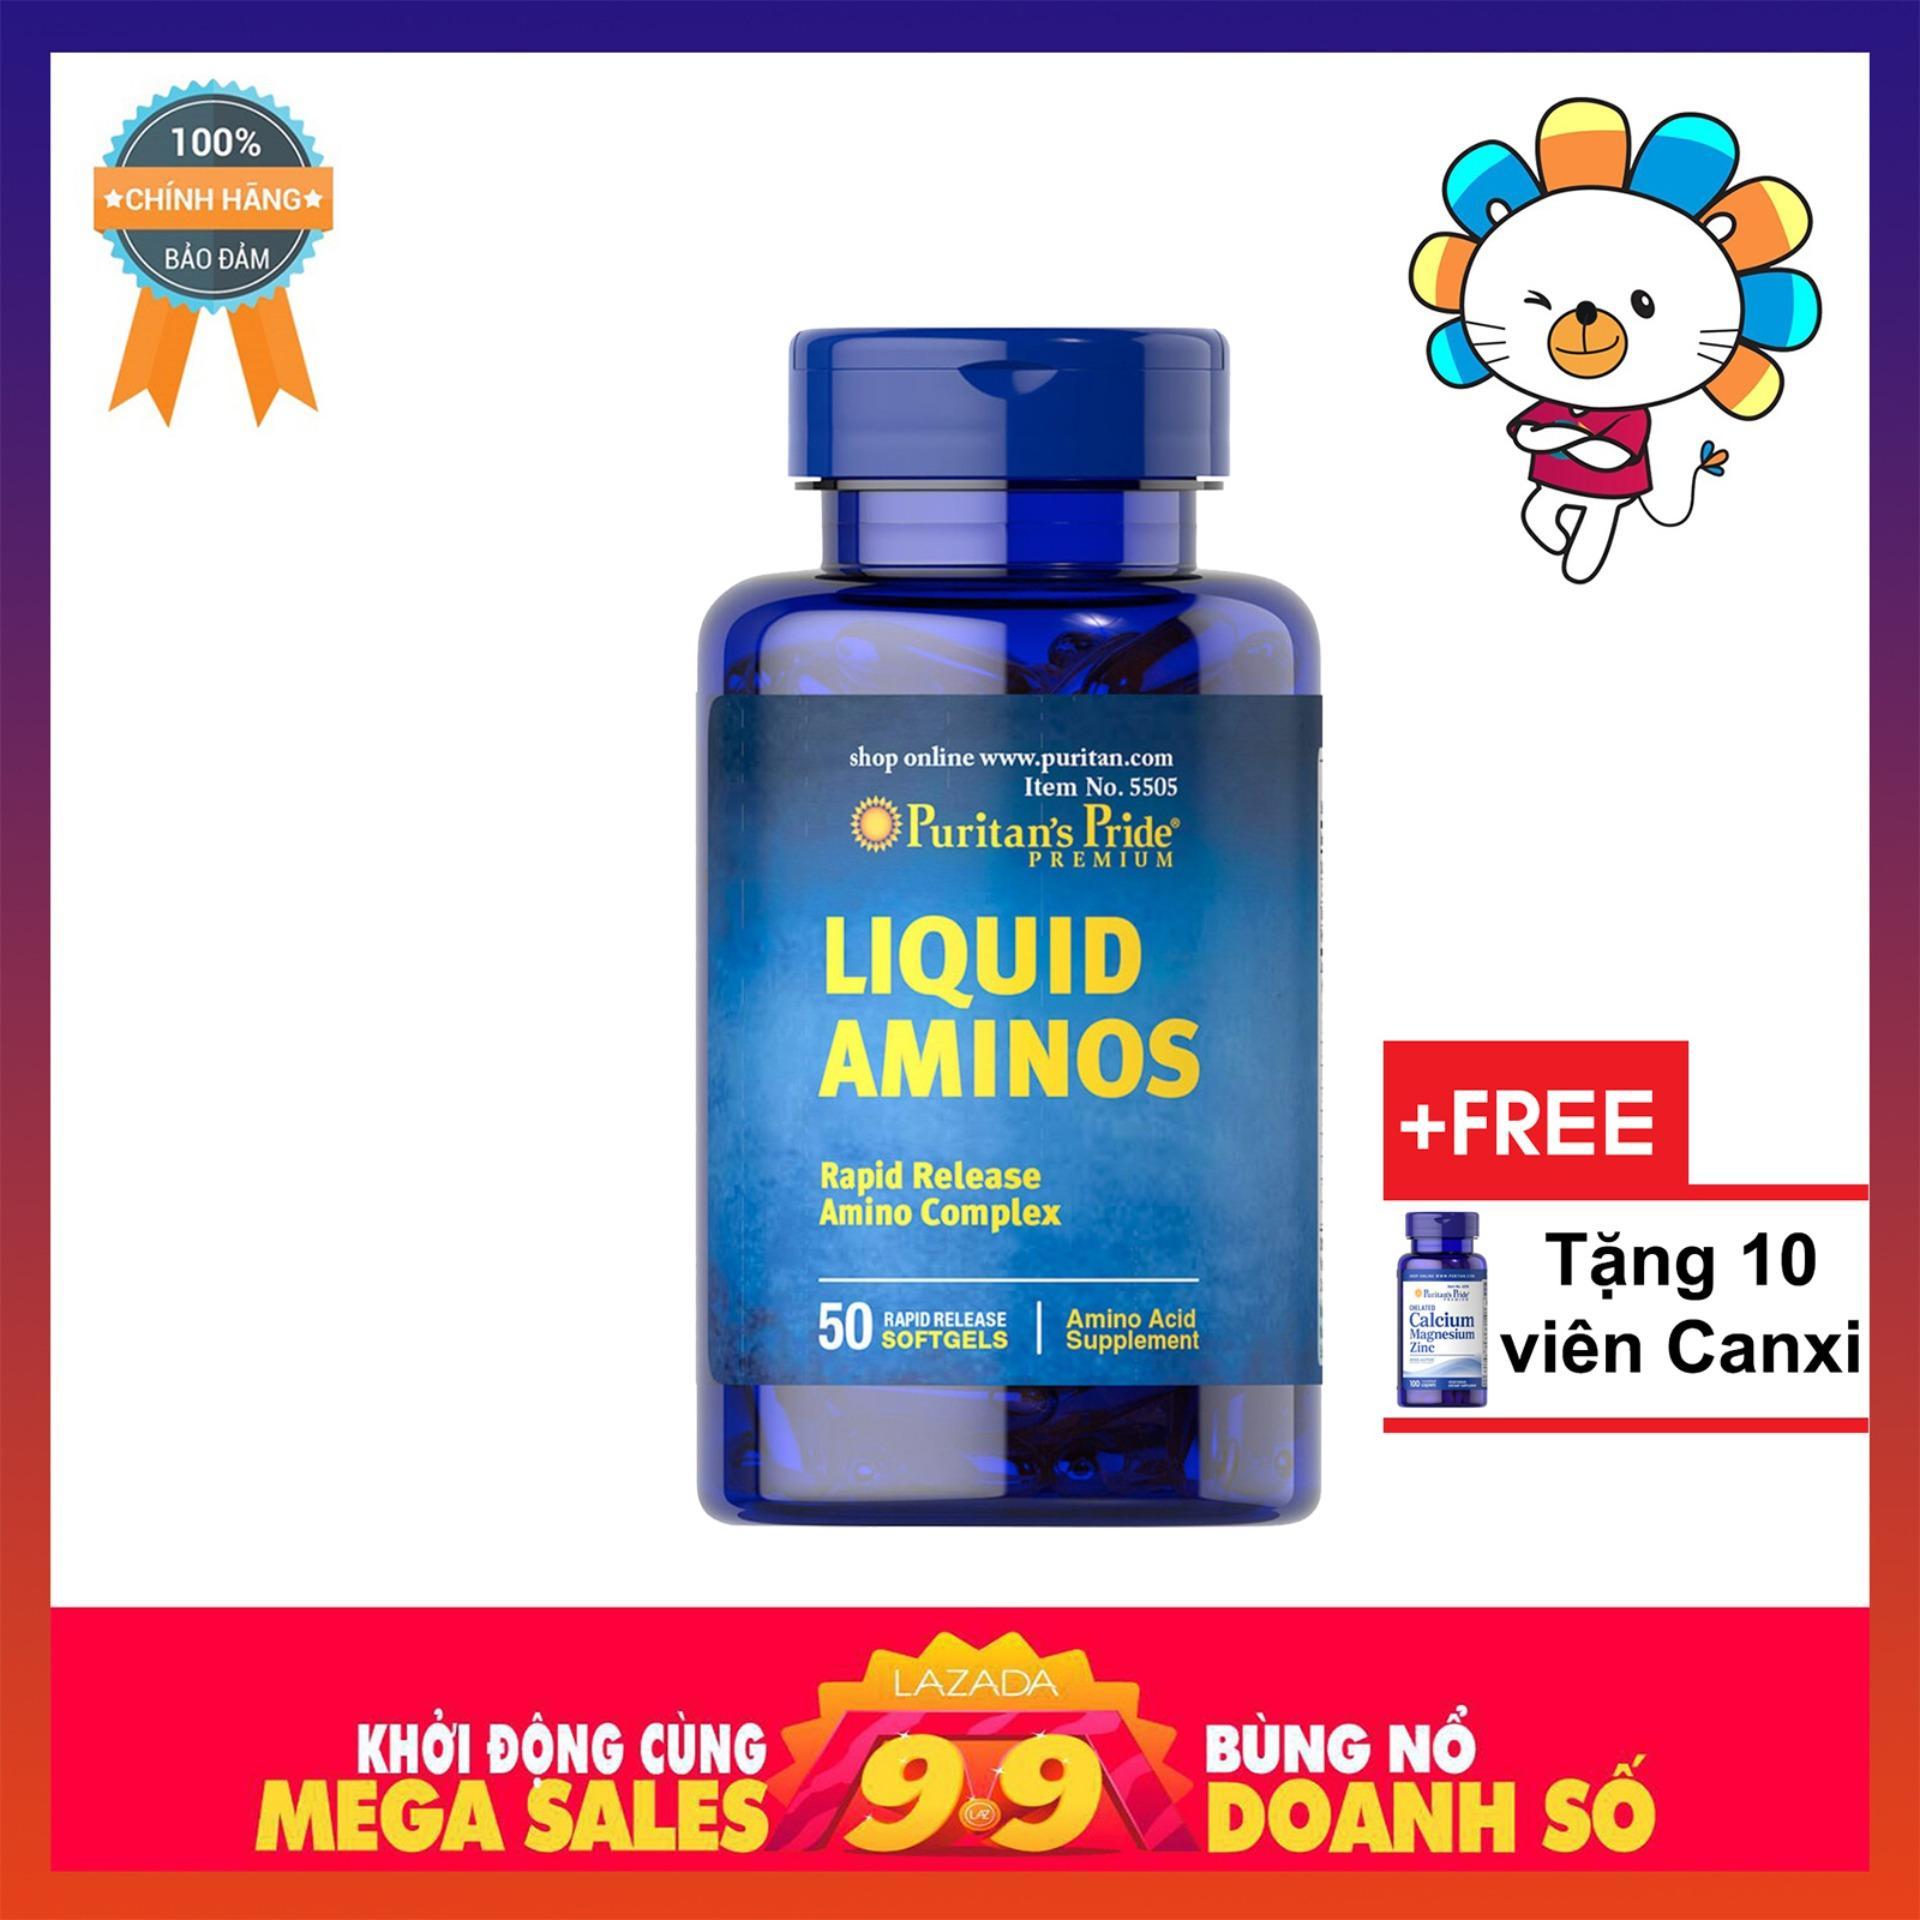 Viên uống kích thích ăn ngon, hỗ trợ tăng cơ, tăng cân Vitamin Mỹ (chứa L-Lysine, L-Arginine, L-Cysteine...) Puritans Pride Liquid Aminos 50 viên. nhập khẩu